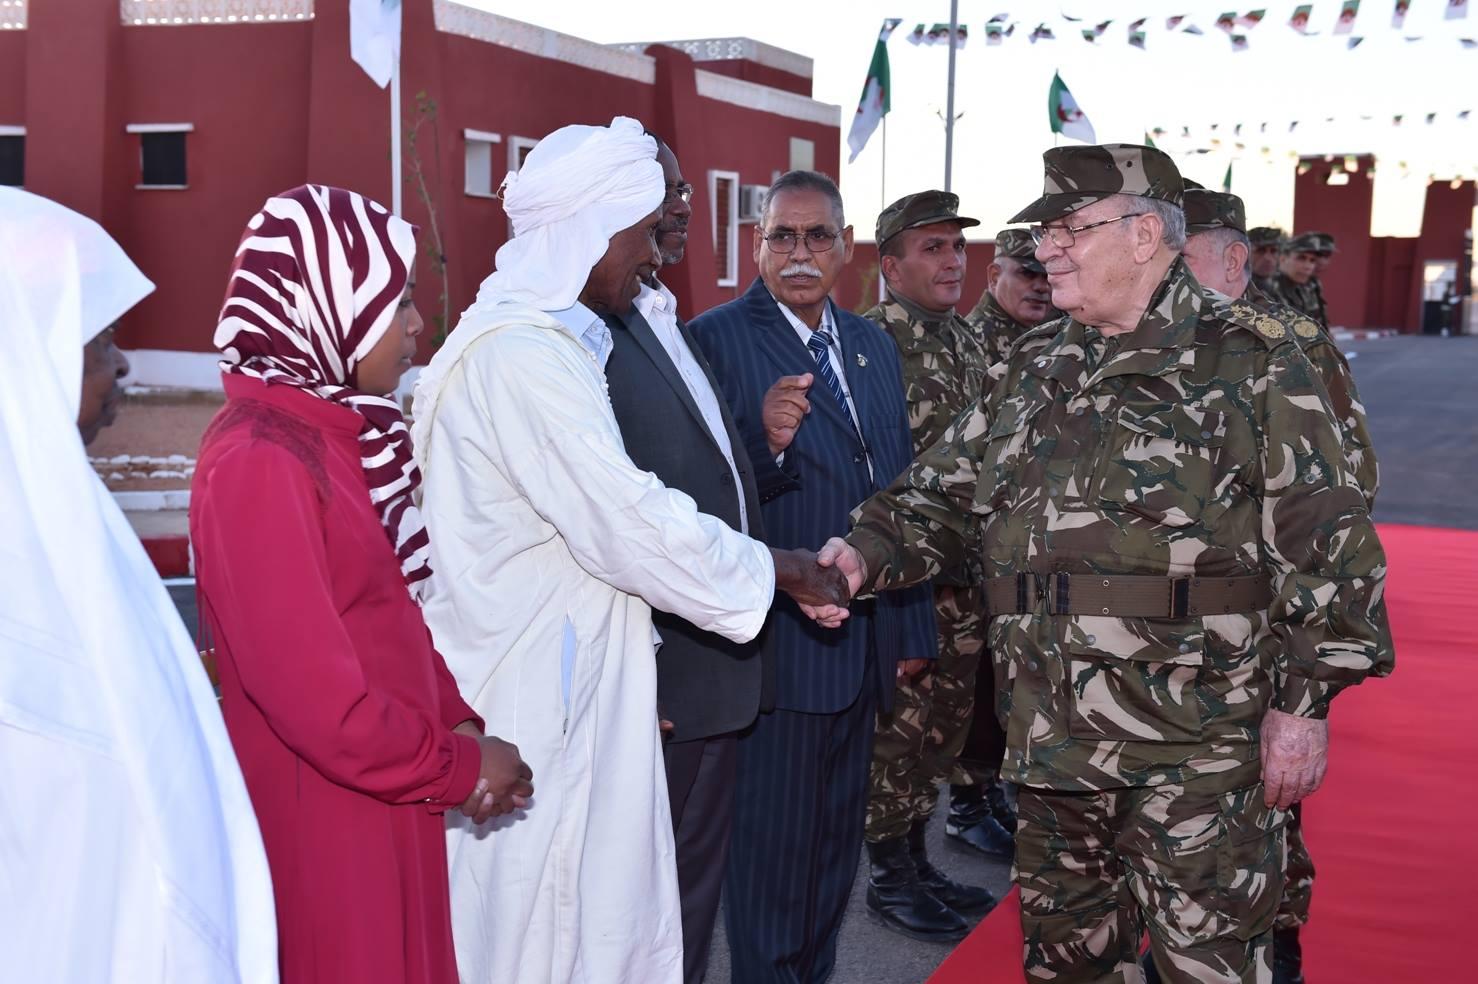 الجزائر : صلاحيات نائب وزير الدفاع الوطني - صفحة 5 30598434500_aef687bc0a_o